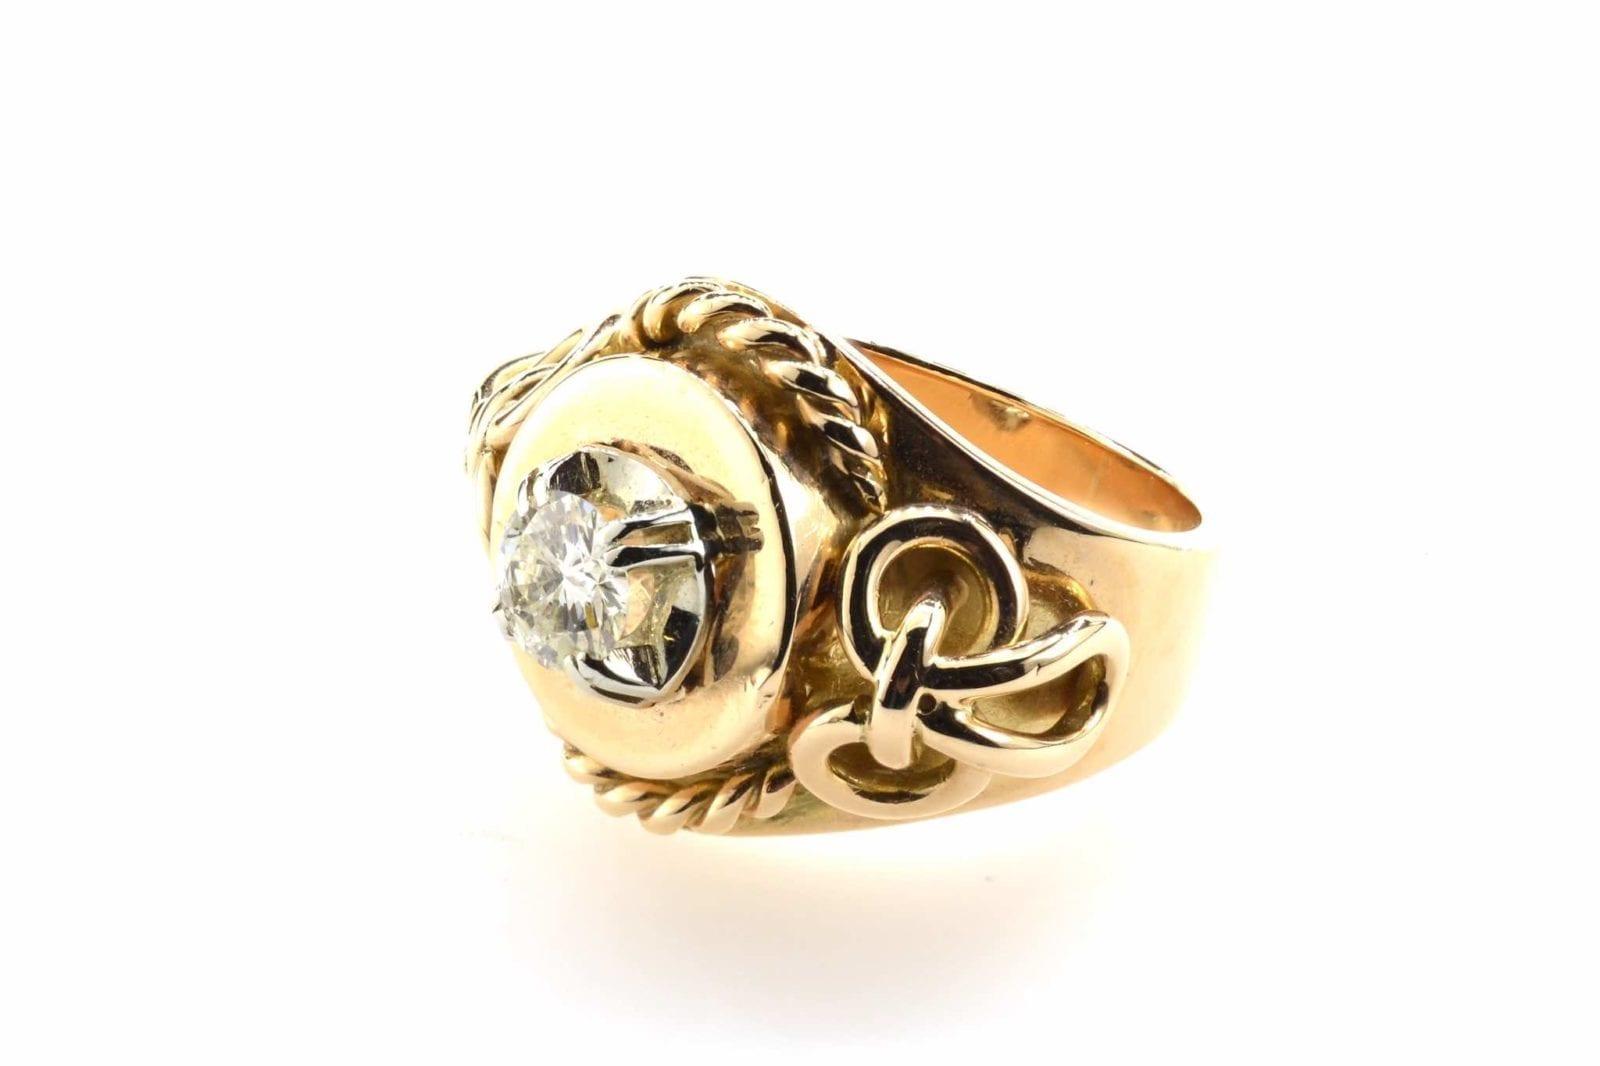 bague ancienne or jaune diamants